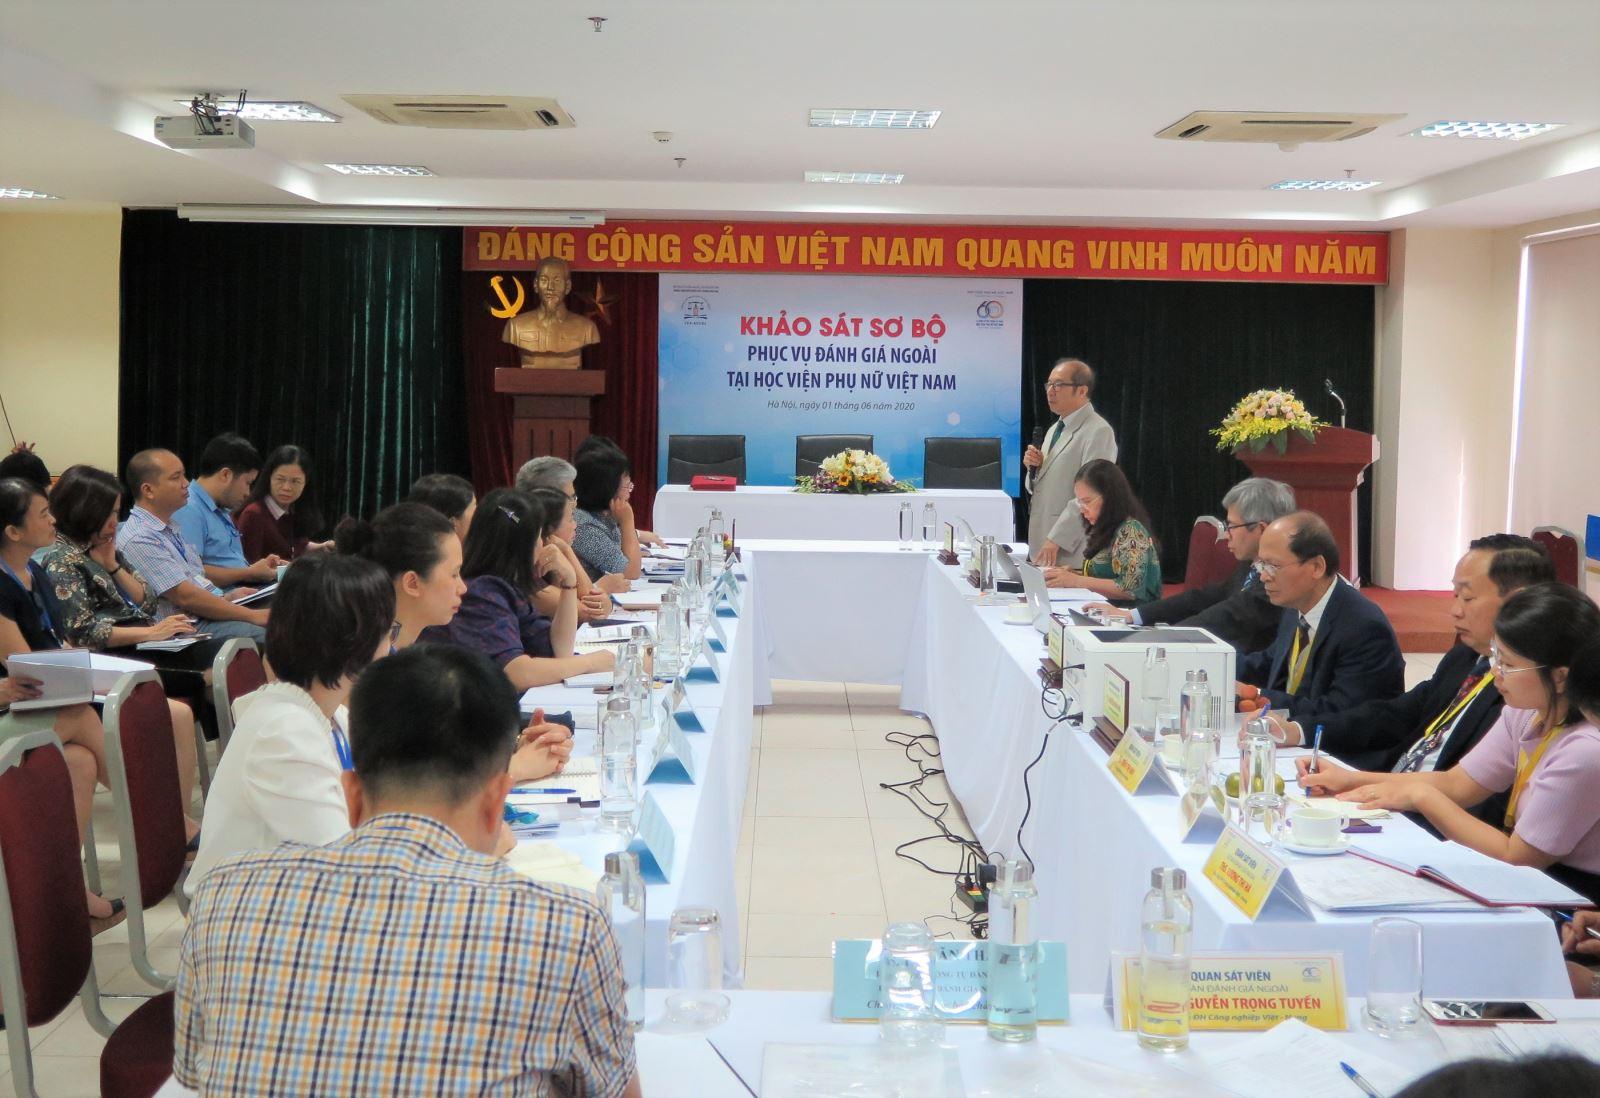 Đoàn chuyên gia đánh giá ngoài khảo sát sơ bộ Học viện Phụ nữ Việt Nam